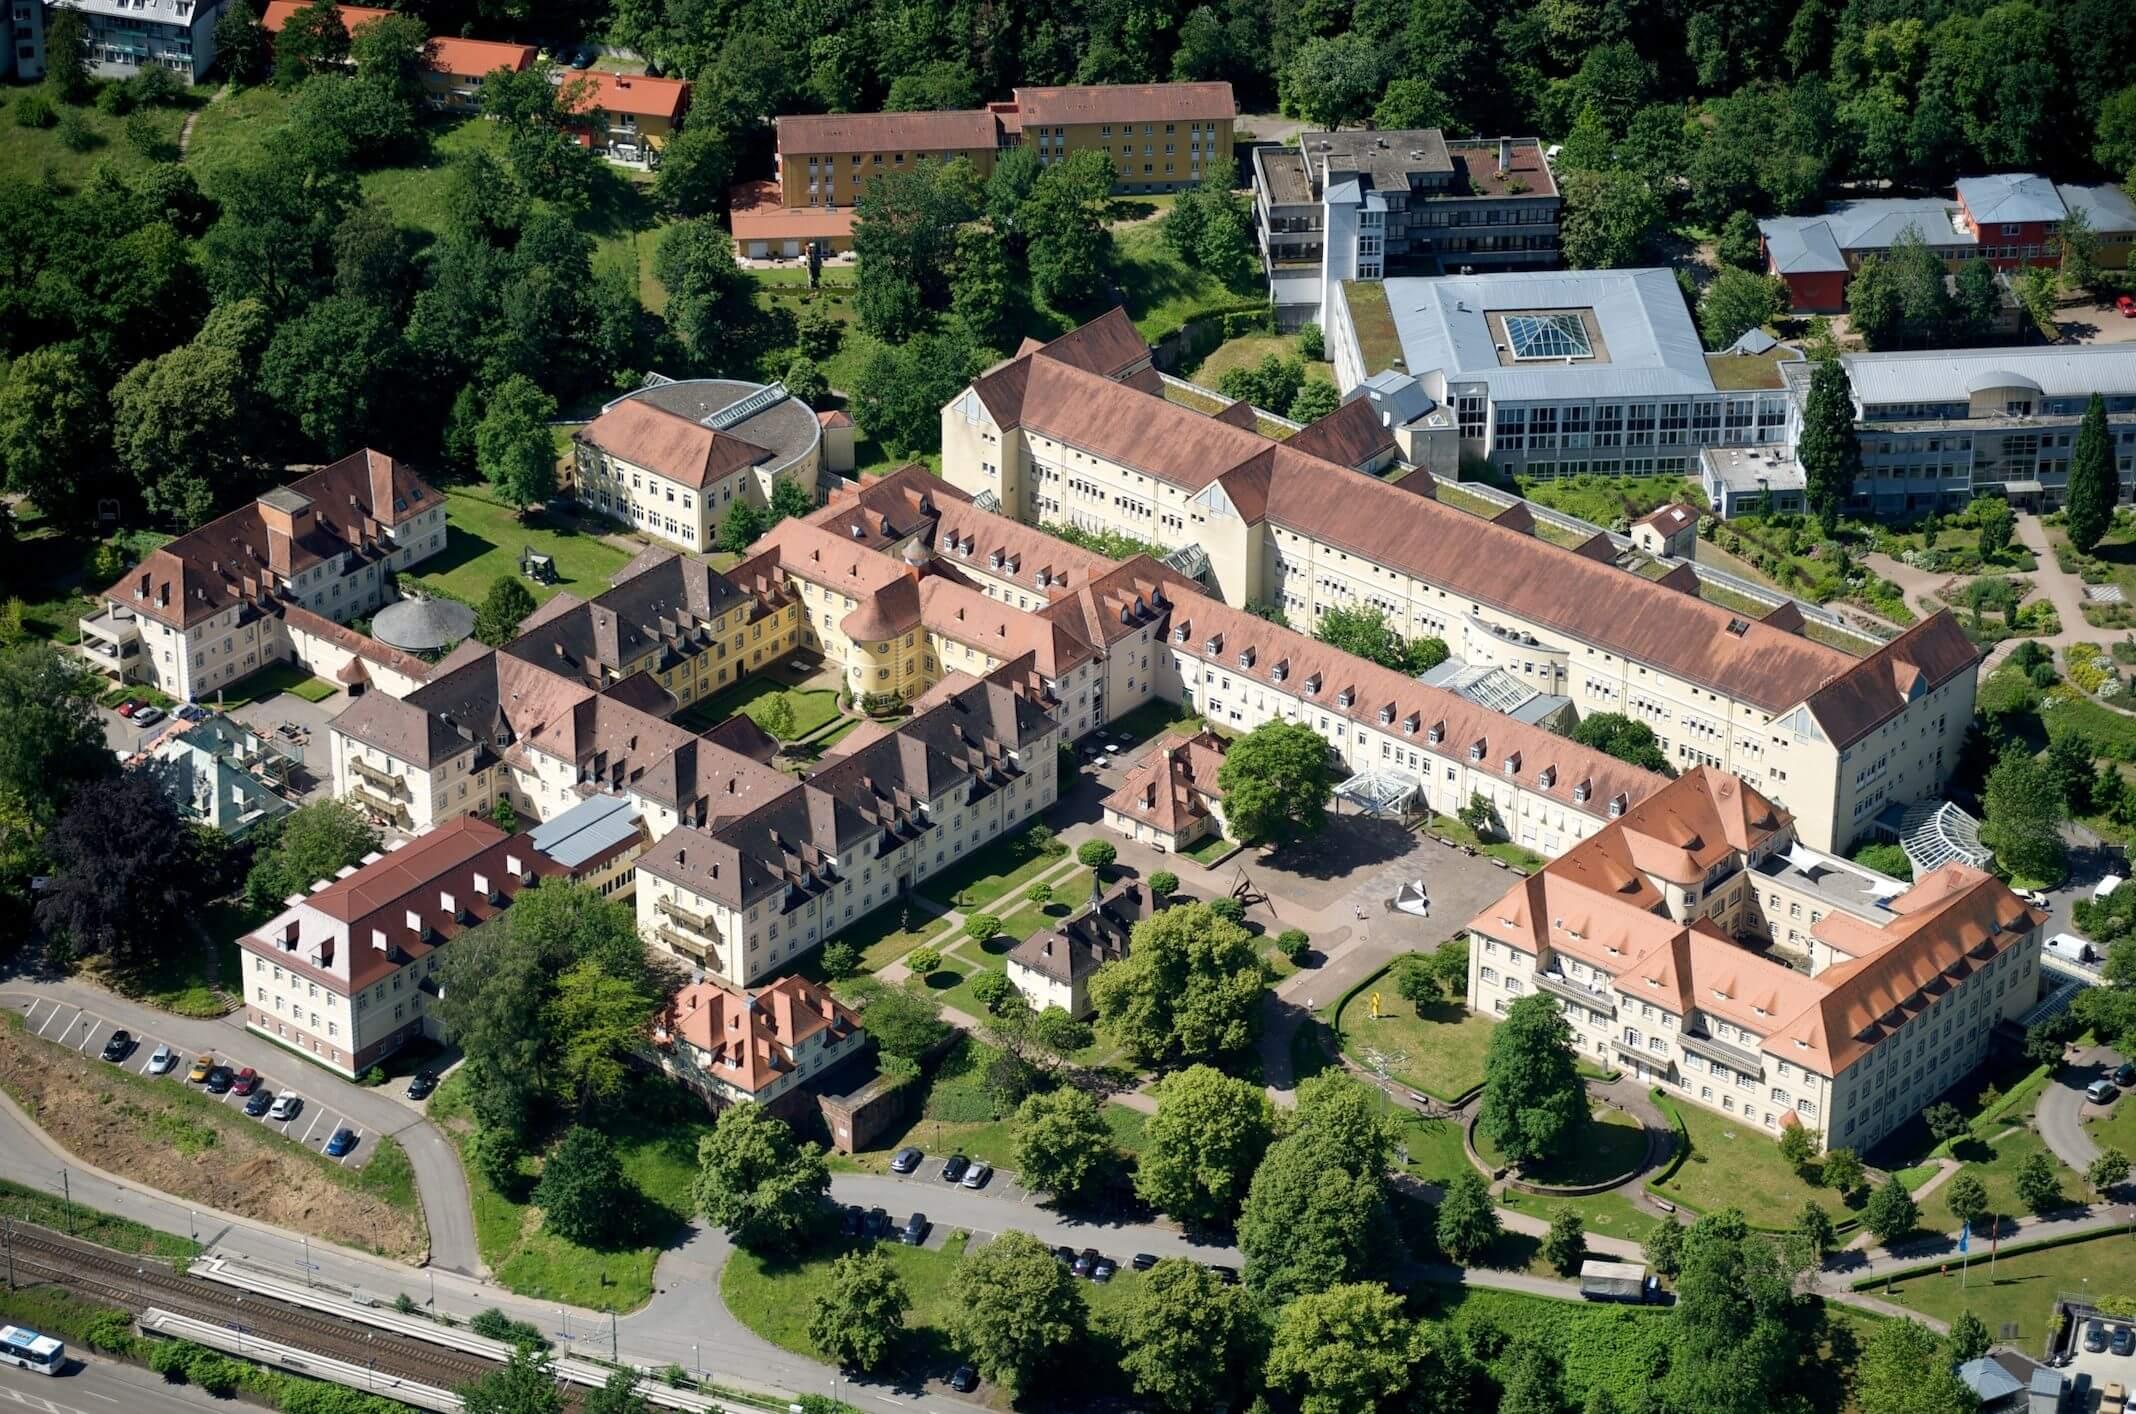 L'hôpital Universitaire de Heidelberg se dote des solutions UCOPIA pour améliorer l'expérience de ses visiteurs.